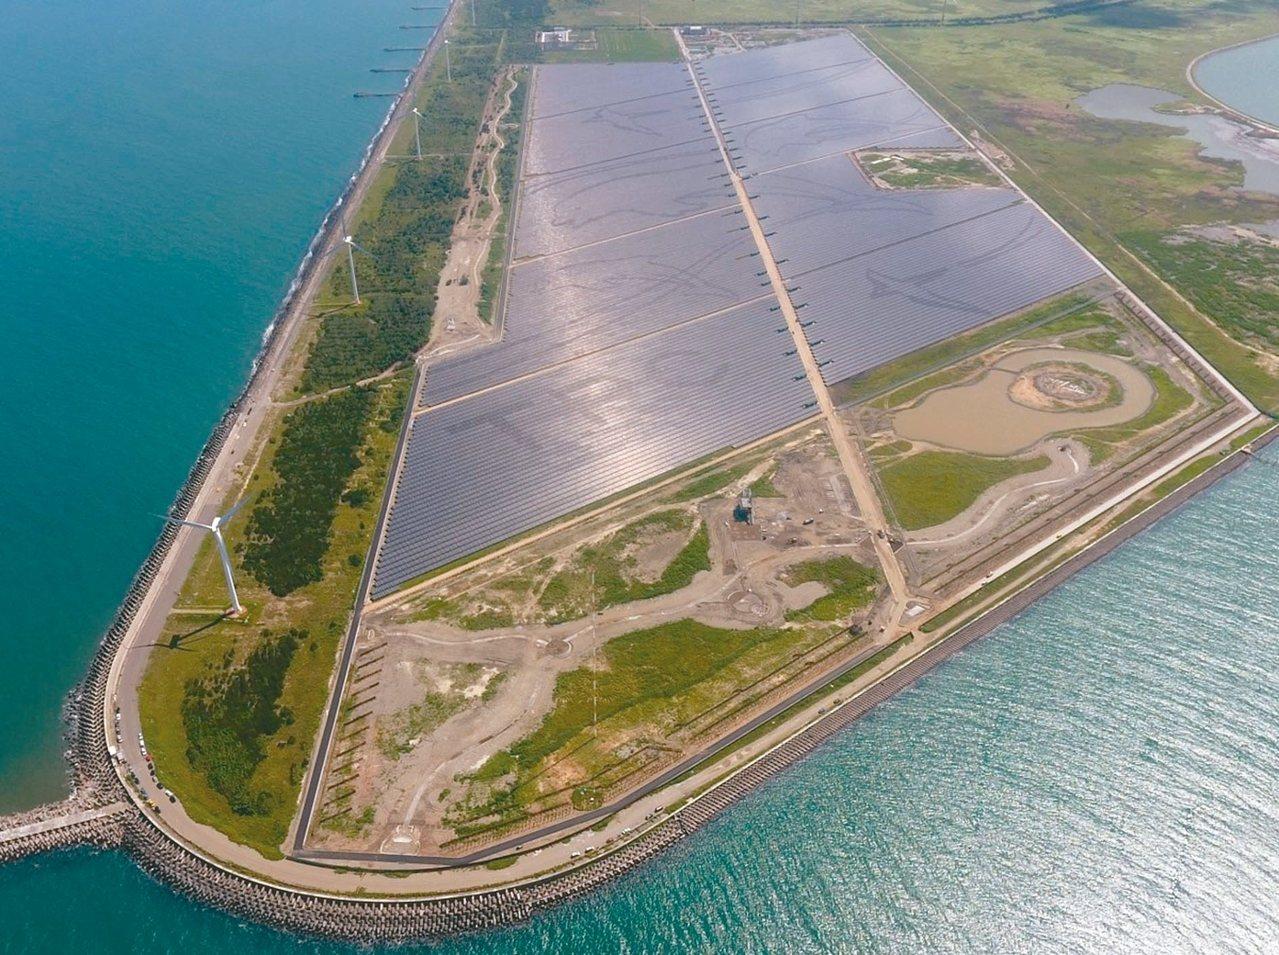 彰濱光電場是全台最大光電場,貫穿光電場的「光電大道」長達3公里。 台電/提供